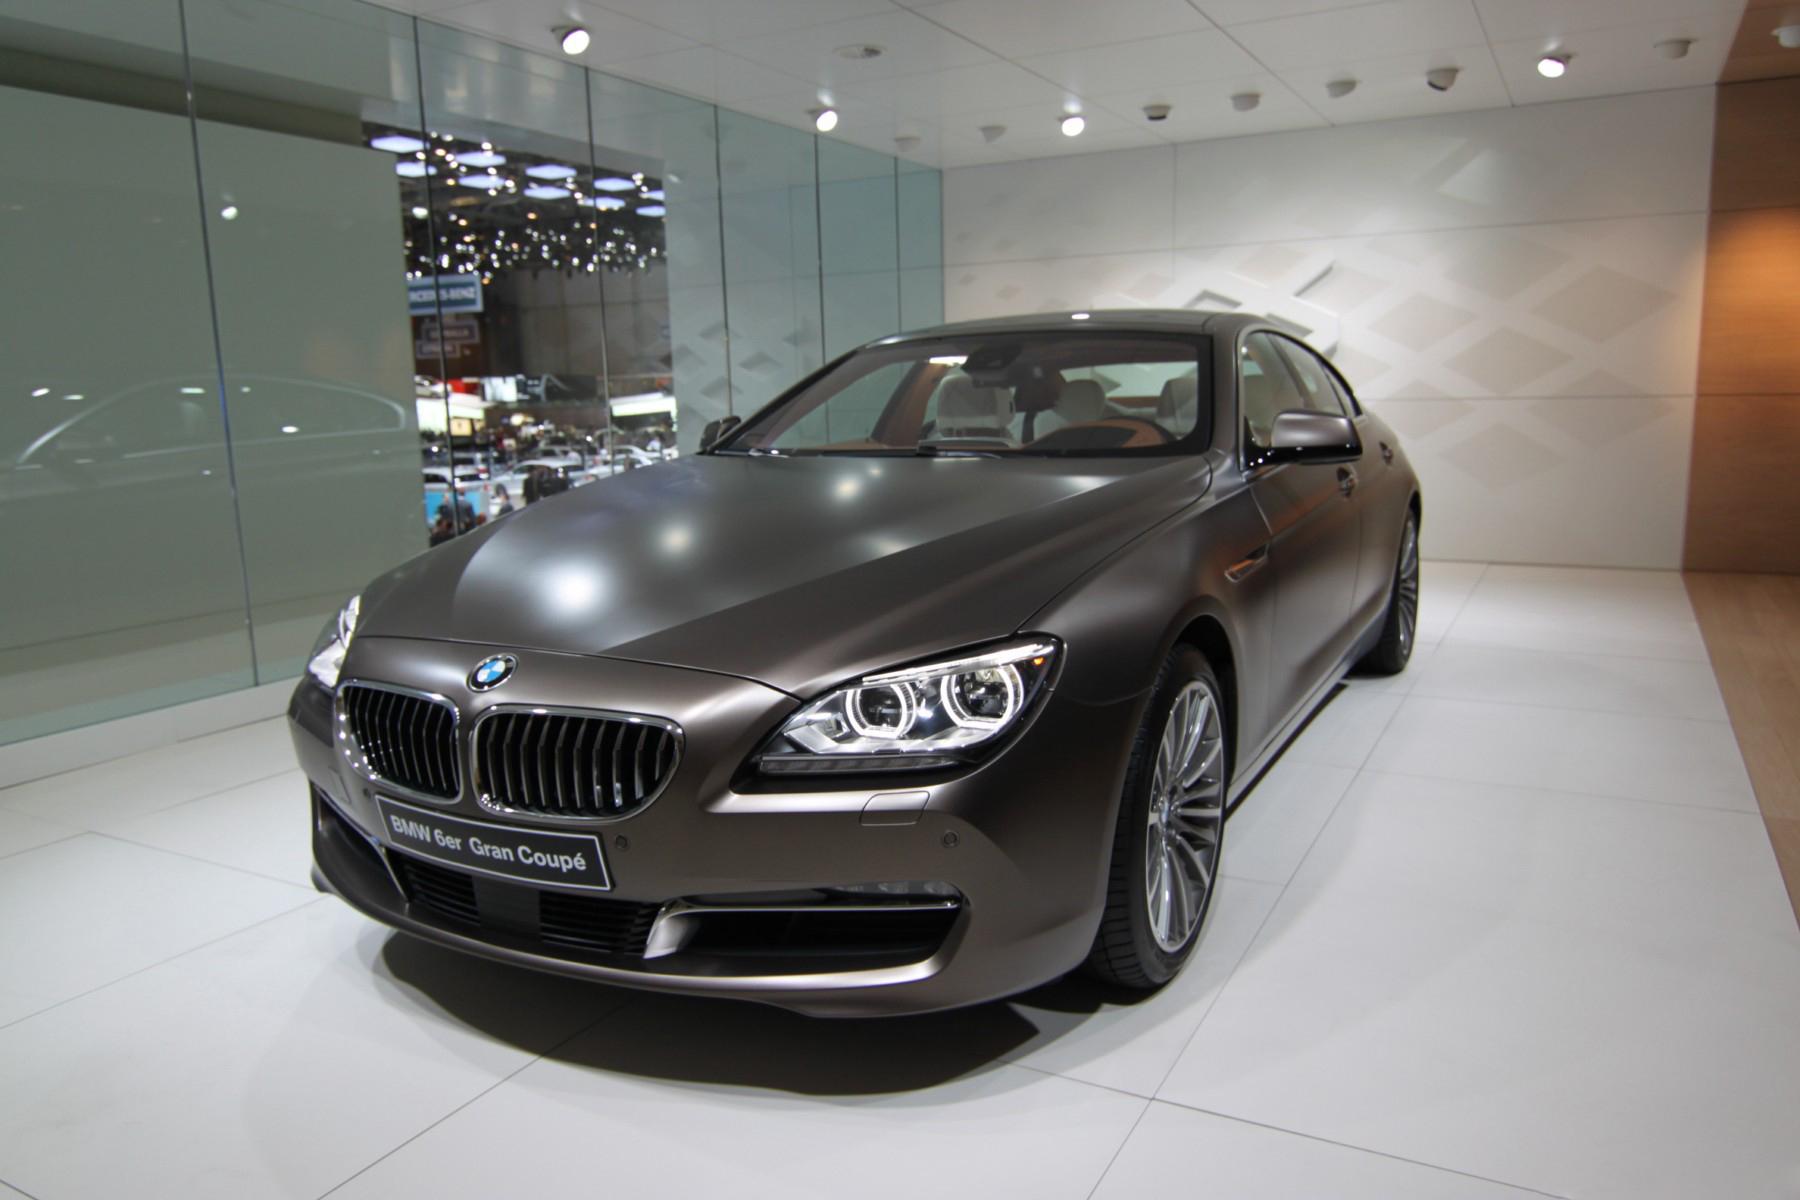 بي ام دبليو 2015 الفئة السابعة وجران كوبيه الفئة السادسة في دول الخليج بنماذج خاصة BMW | المربع نت